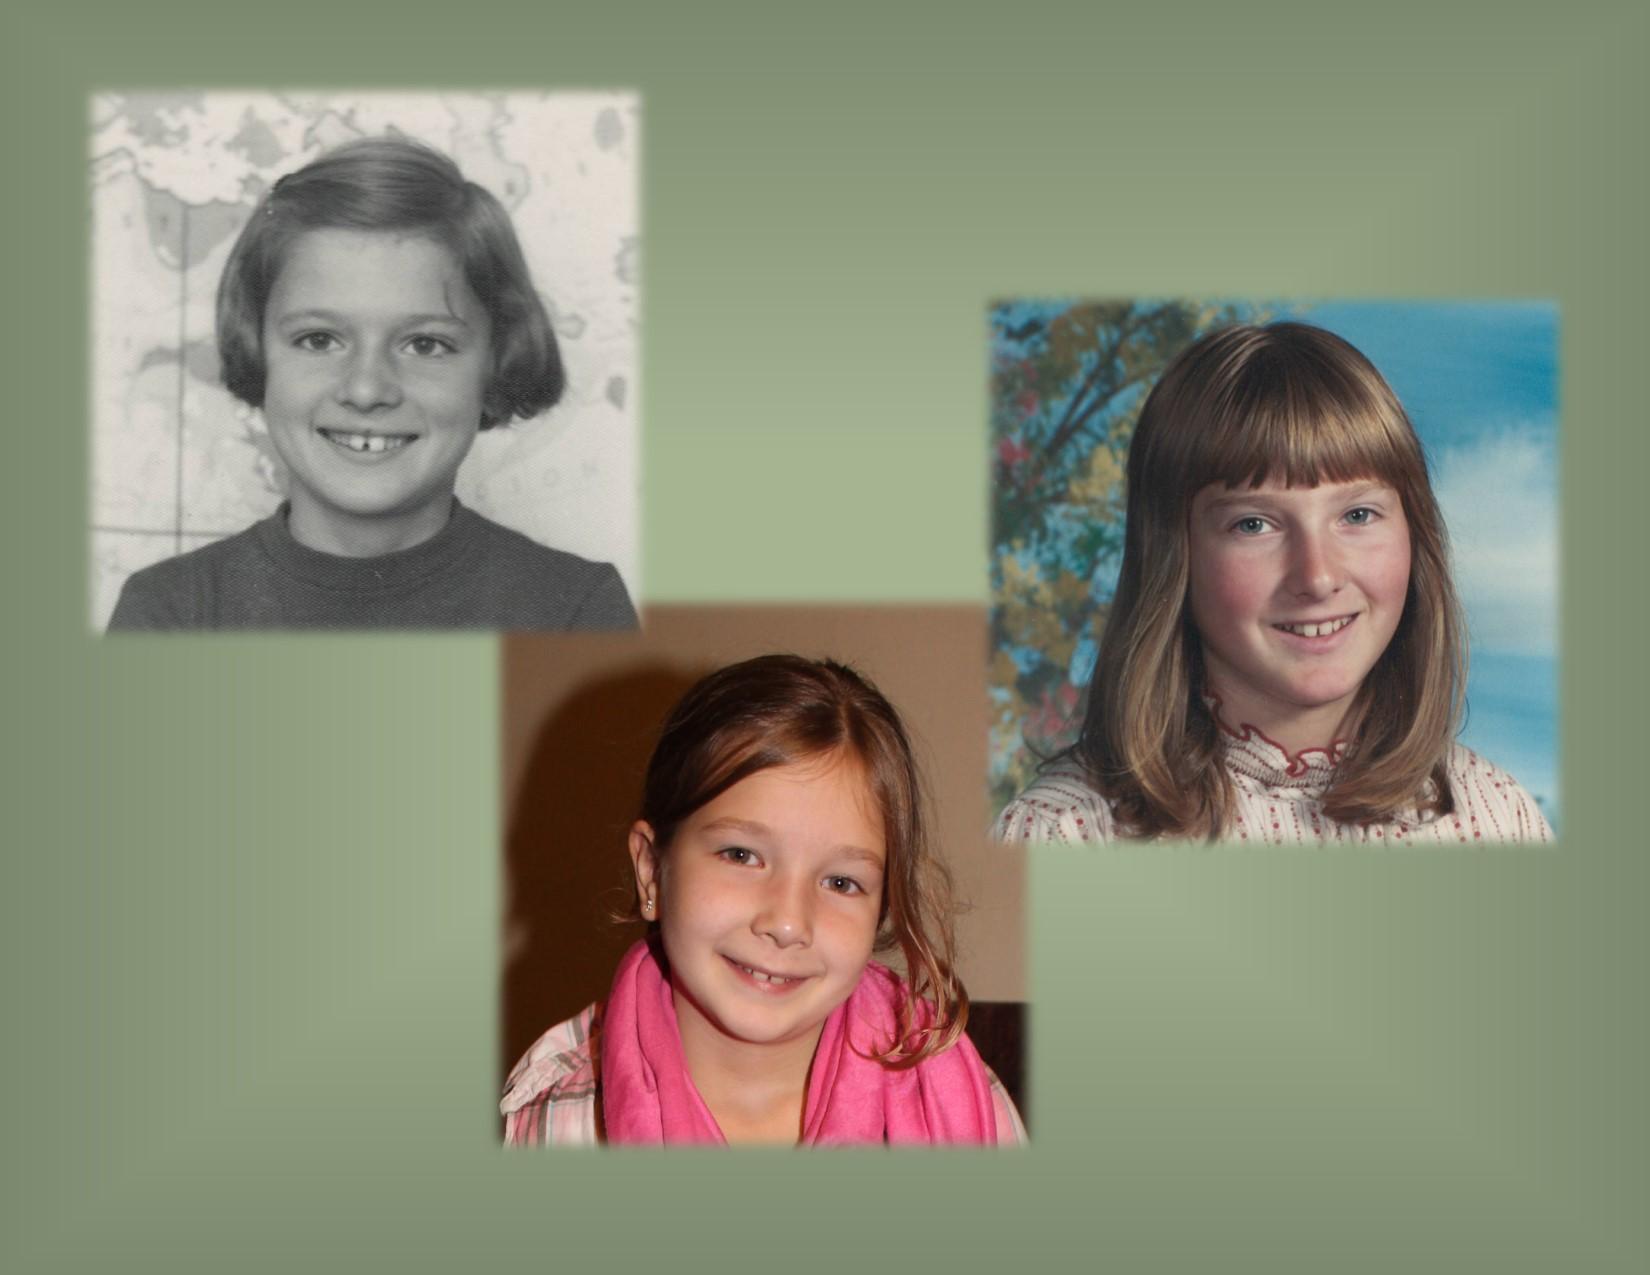 3 generations-grade 4